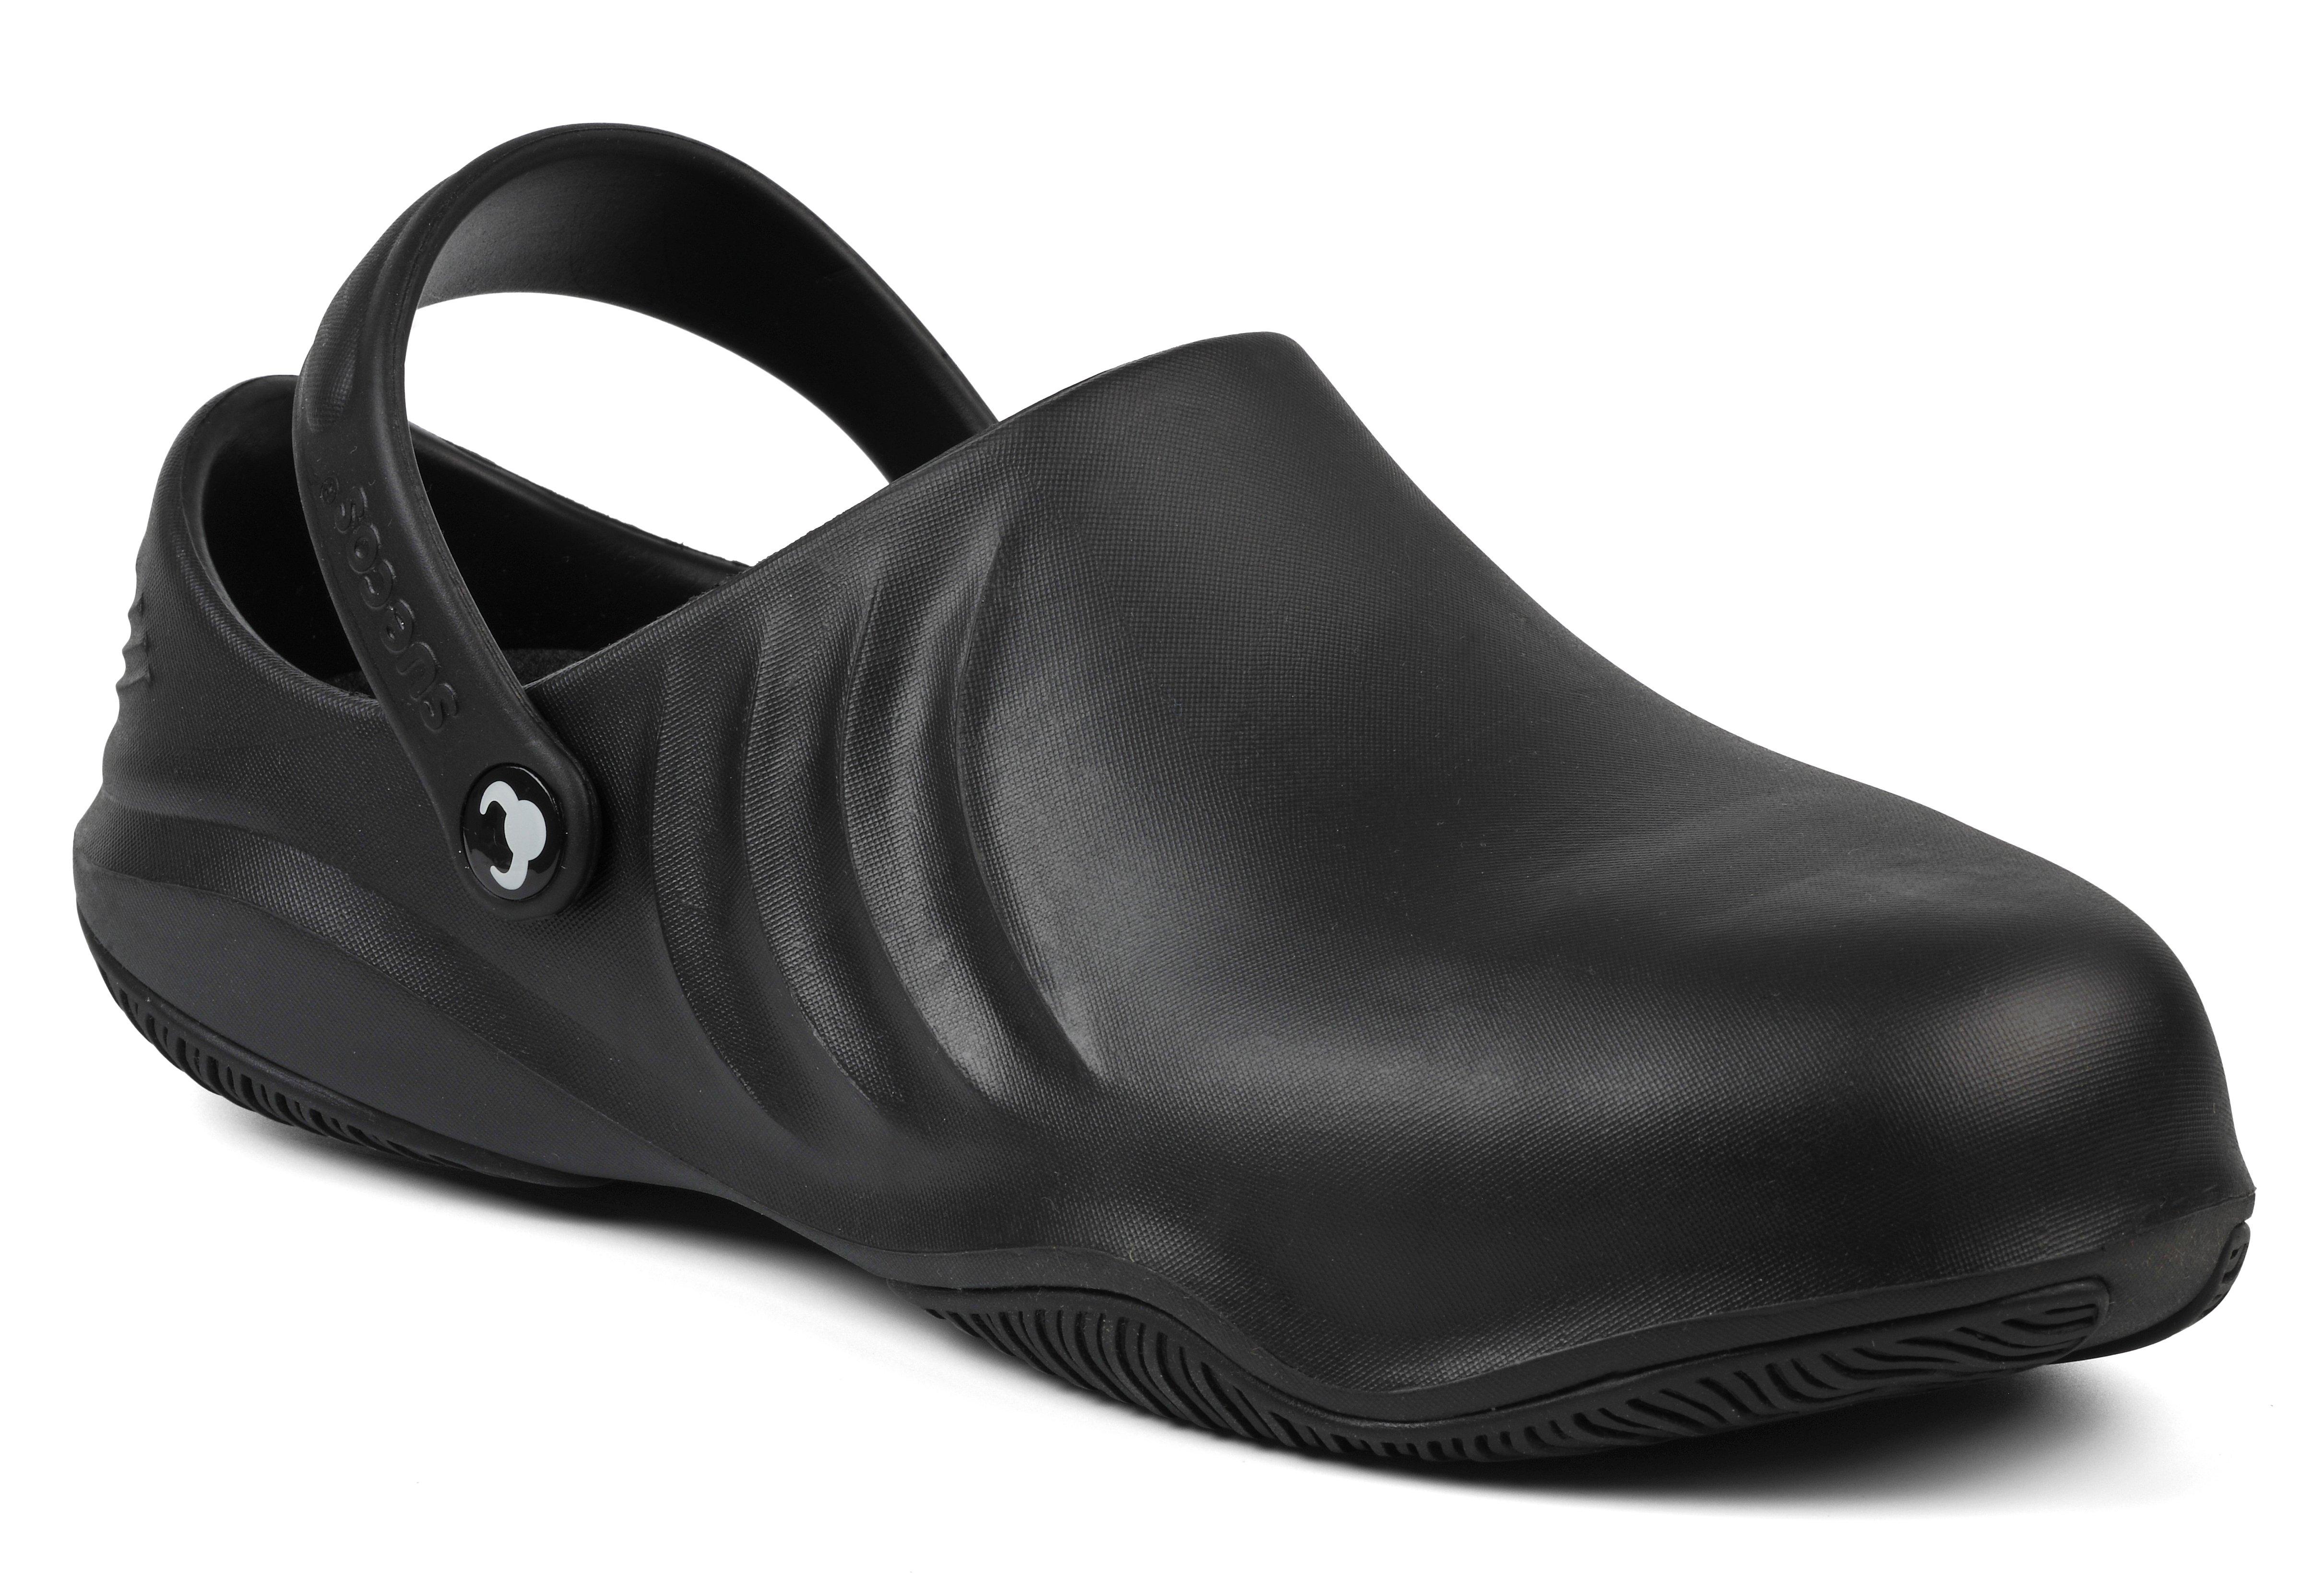 MAGNUS profesionálna pracovná obuv čierna - profikuchar.sk eb92a361a3d